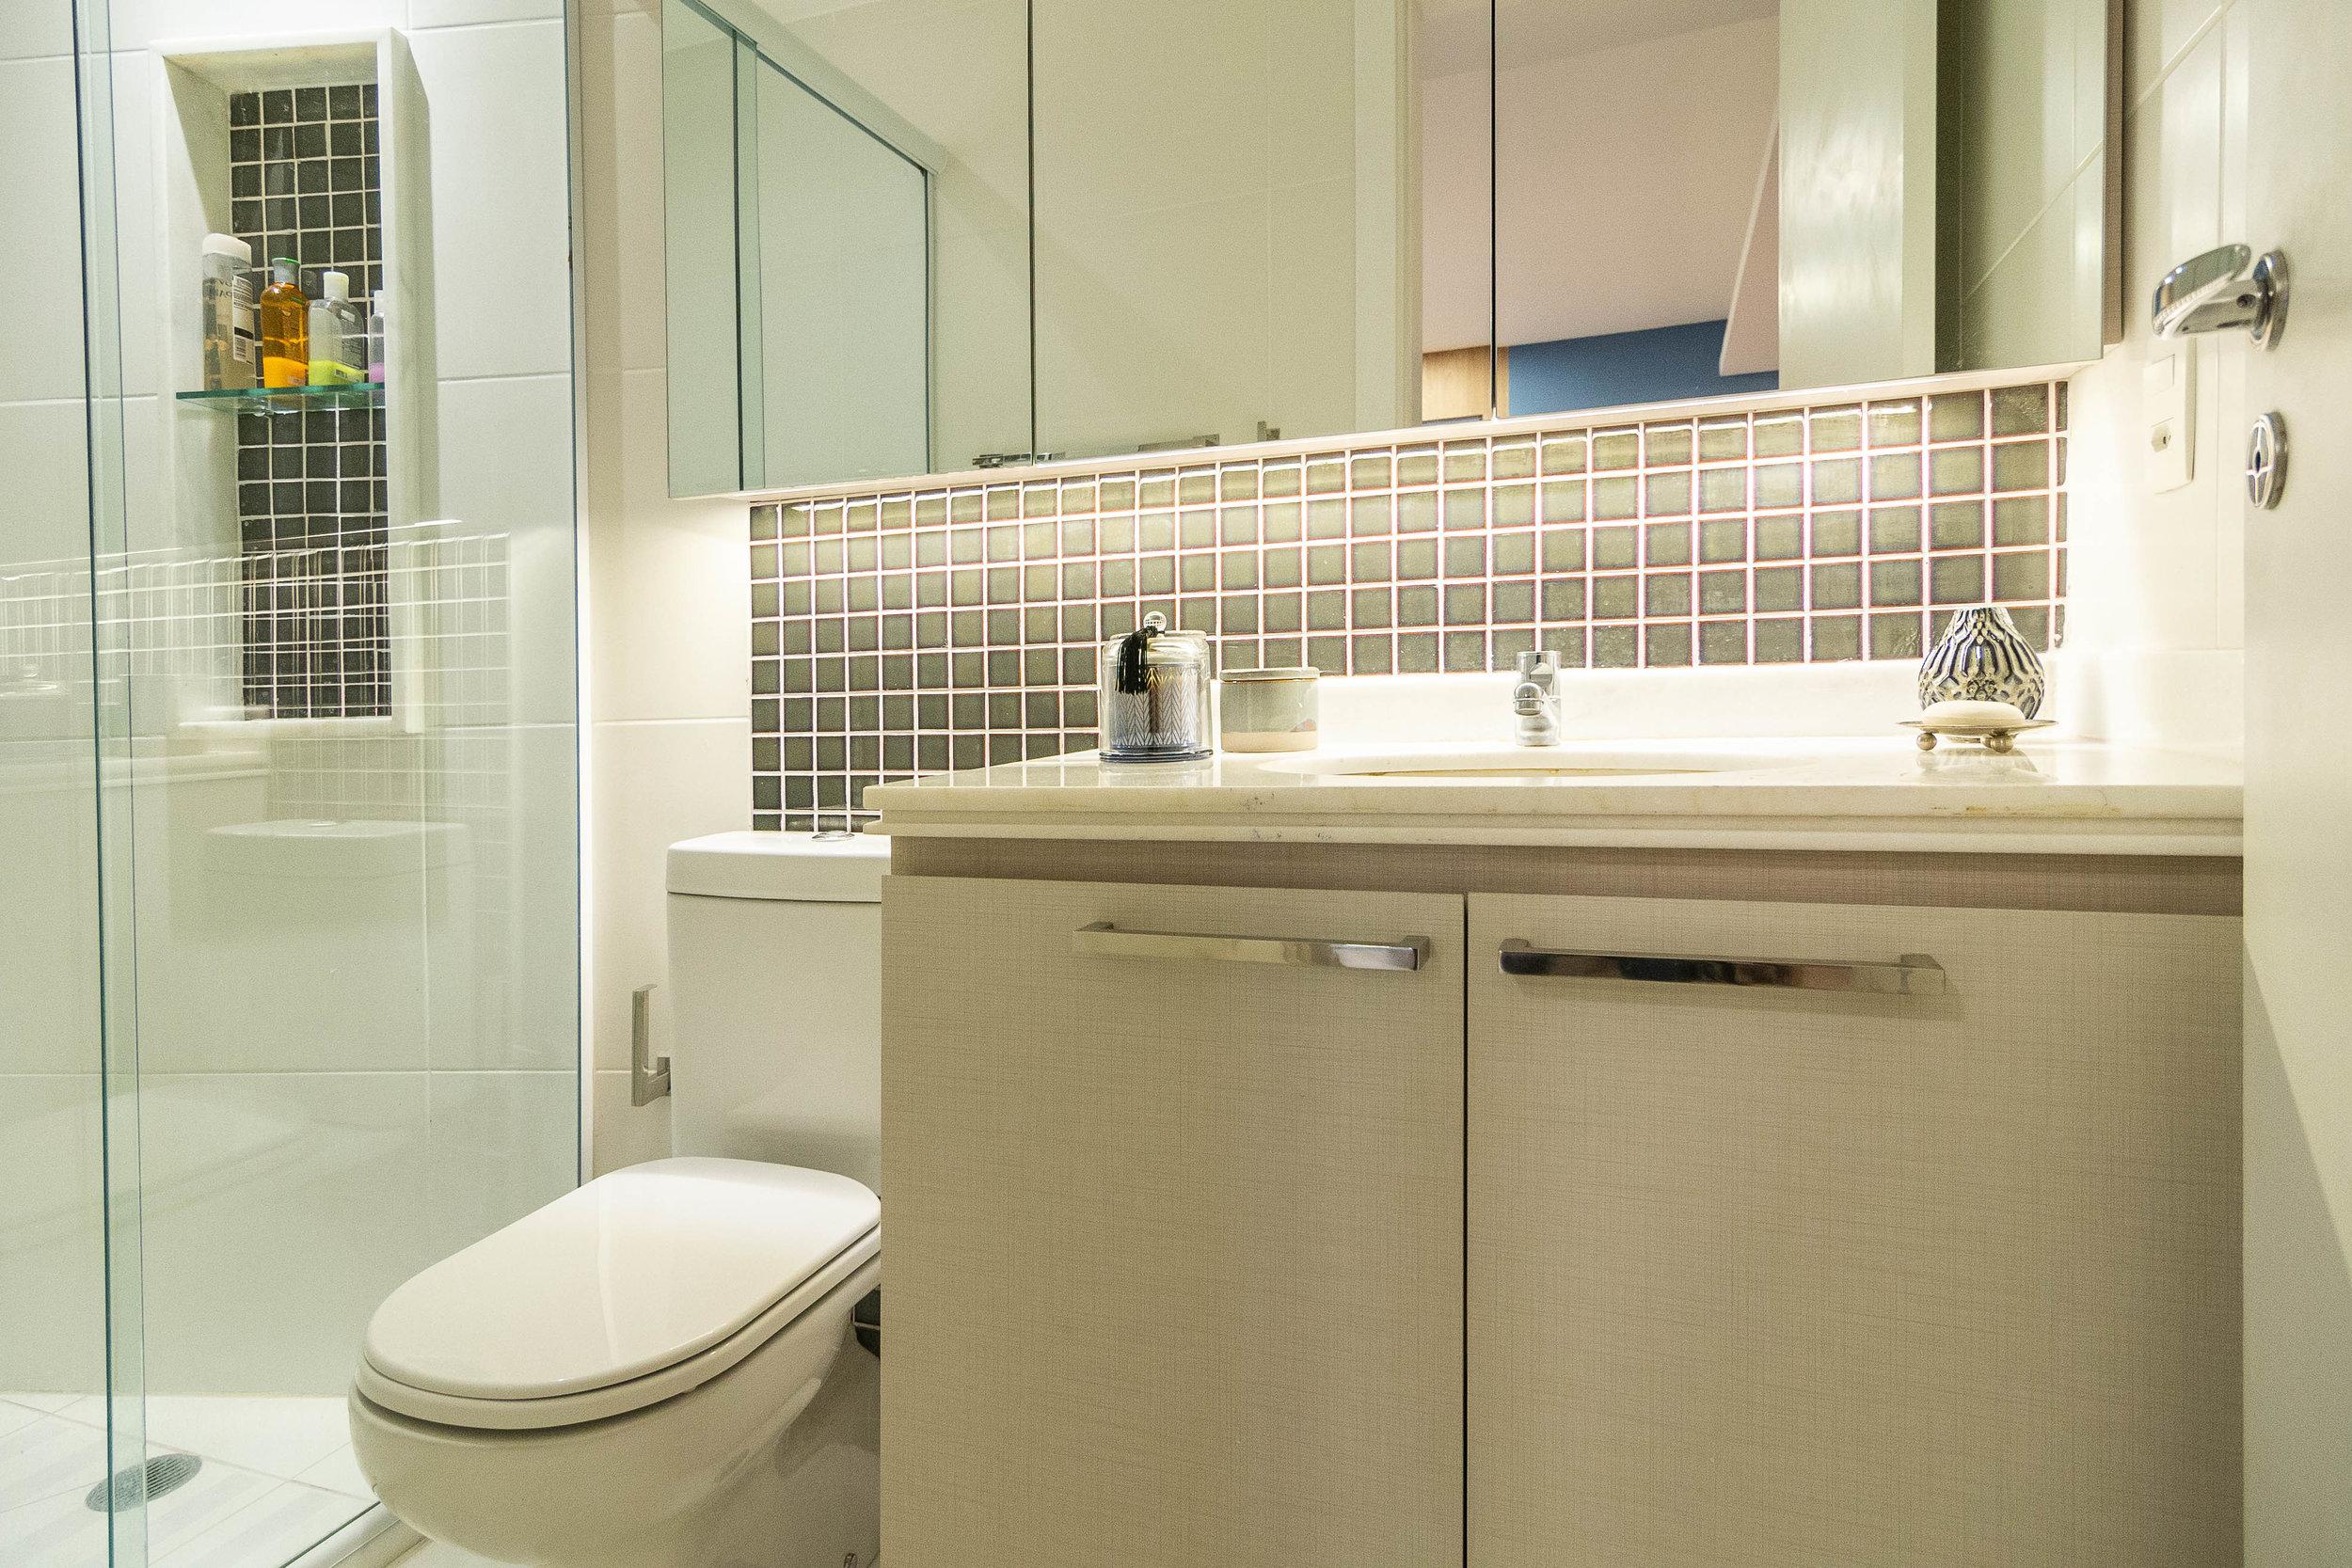 projeto-arquitetonico-luciananilton-duo-arquitetura-apartamentos-praia-024.jpg